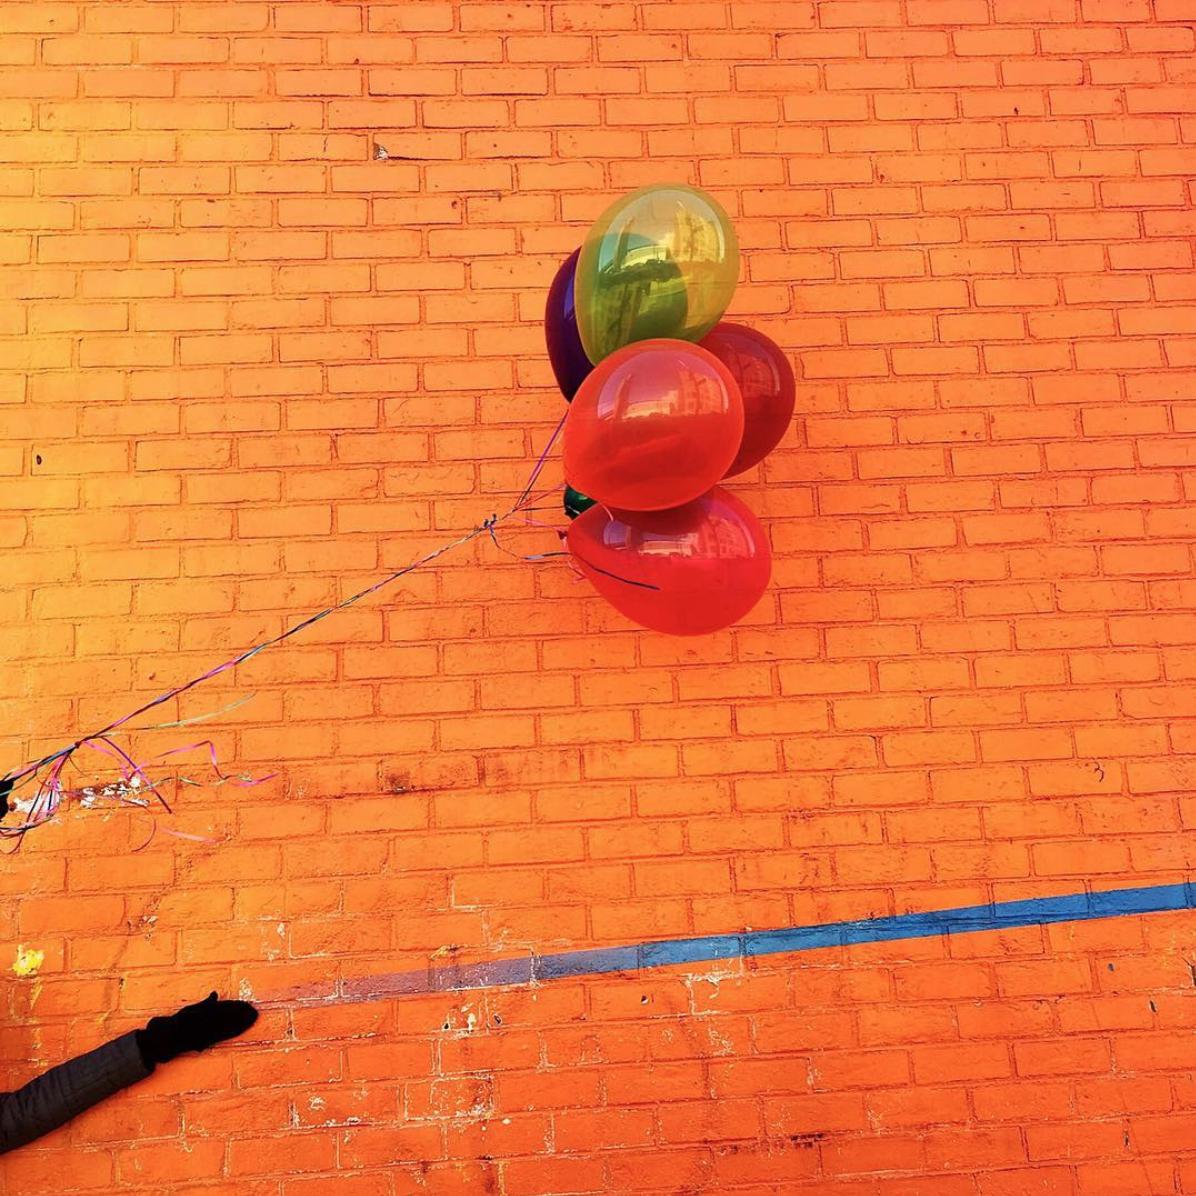 amy_chen_design_brooklyn_art_mural_wall_balloons